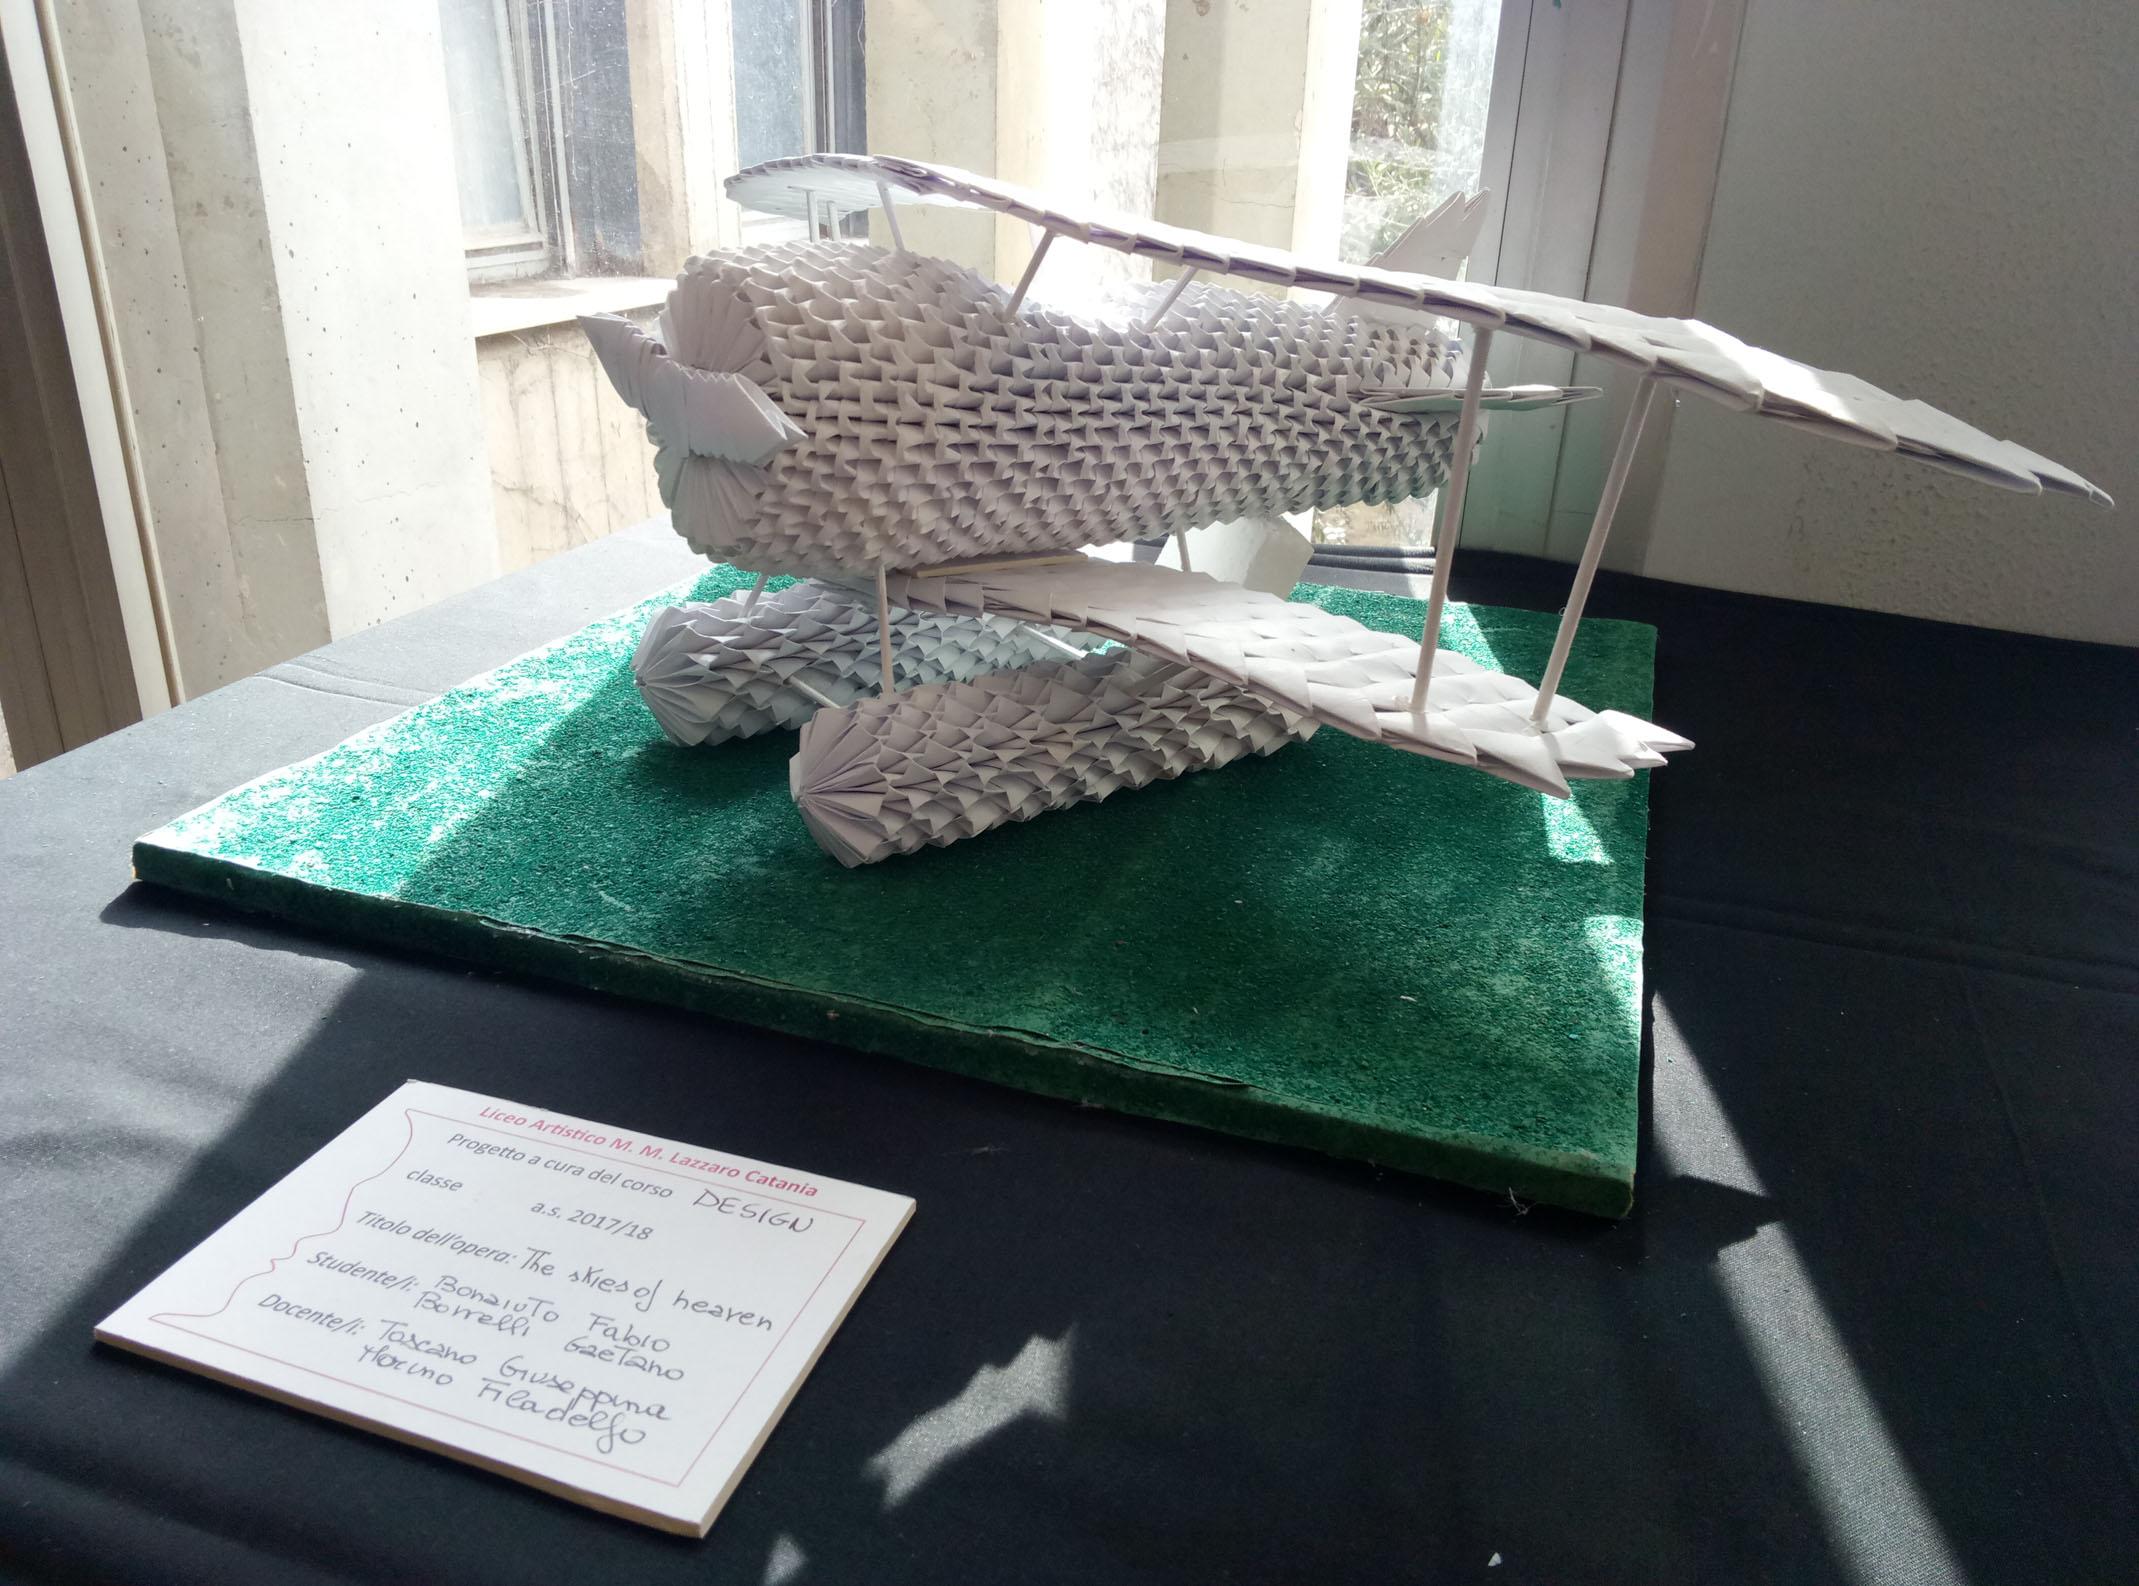 IX Mostra aeronautica, Istituto A. Ferrarin di Catania